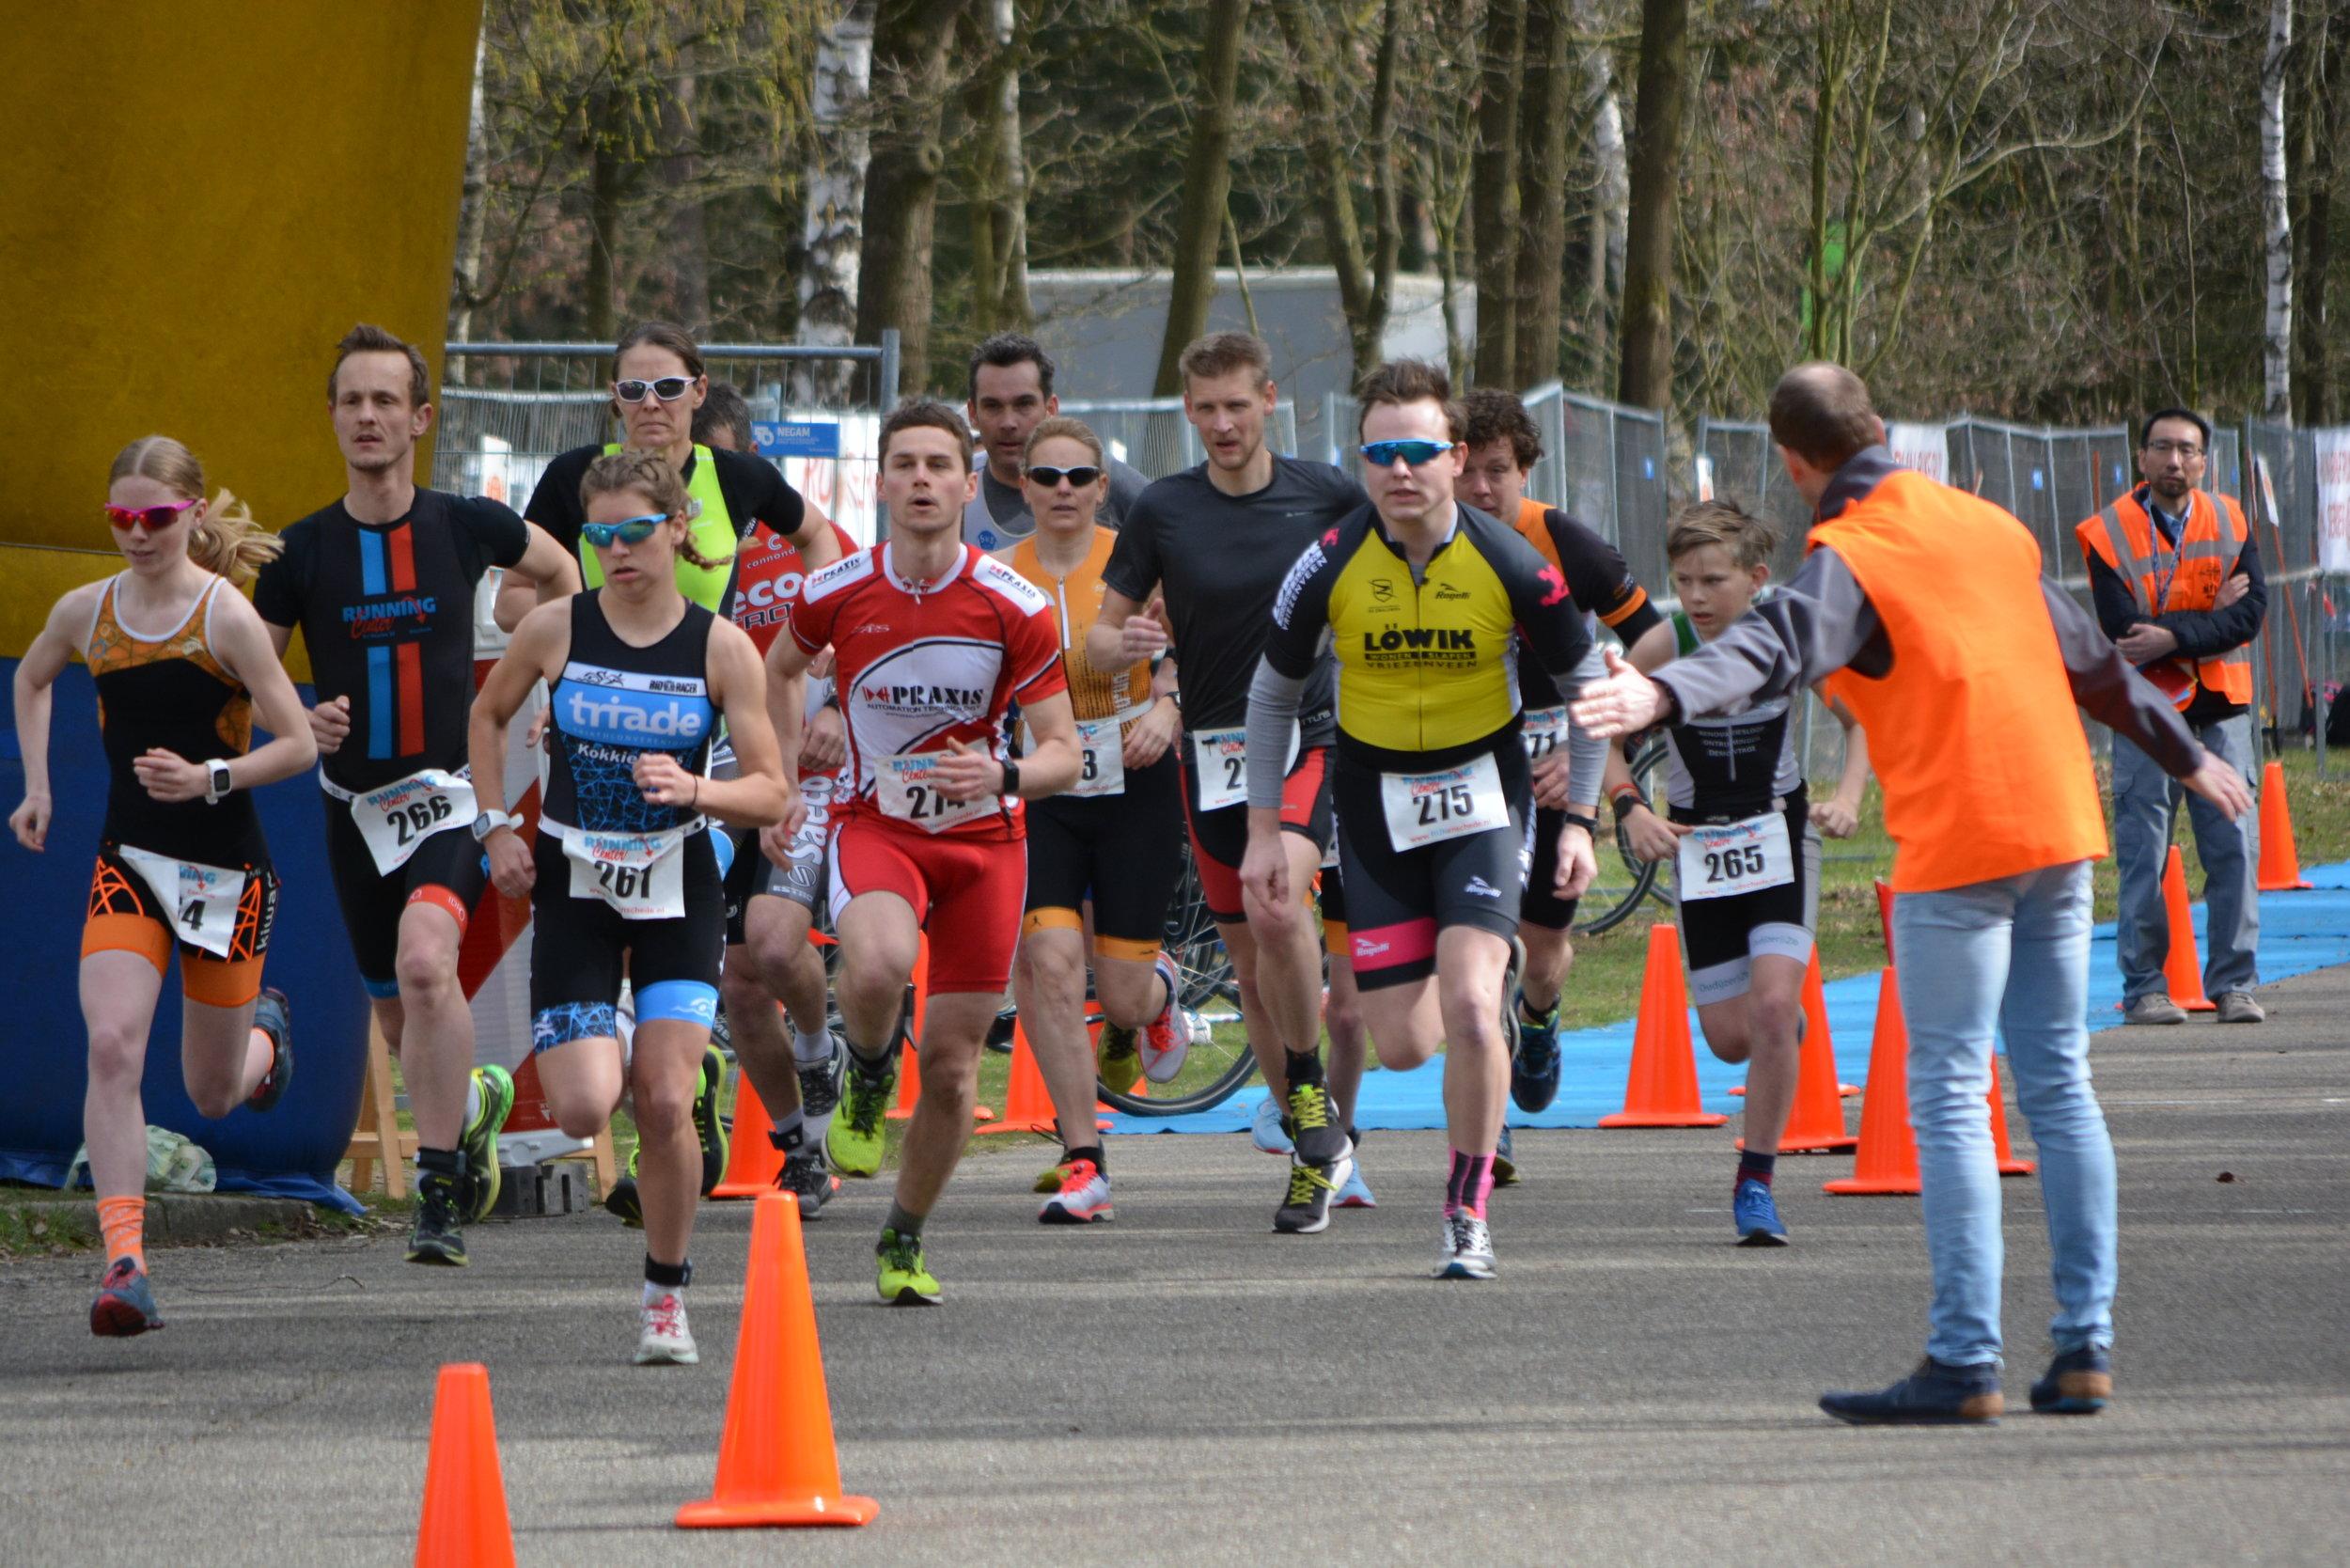 Hulsbeek Run Bike Run - Op de wielerbaan en de prachtige omgeving van recreatiepark Het Hulsbeek werd dit jaar op zondag 31 maart 2019 voor de tweede keer een run-bike-run wedstrijd georganiseerd door de Triathlon Club Twente.-> meer info